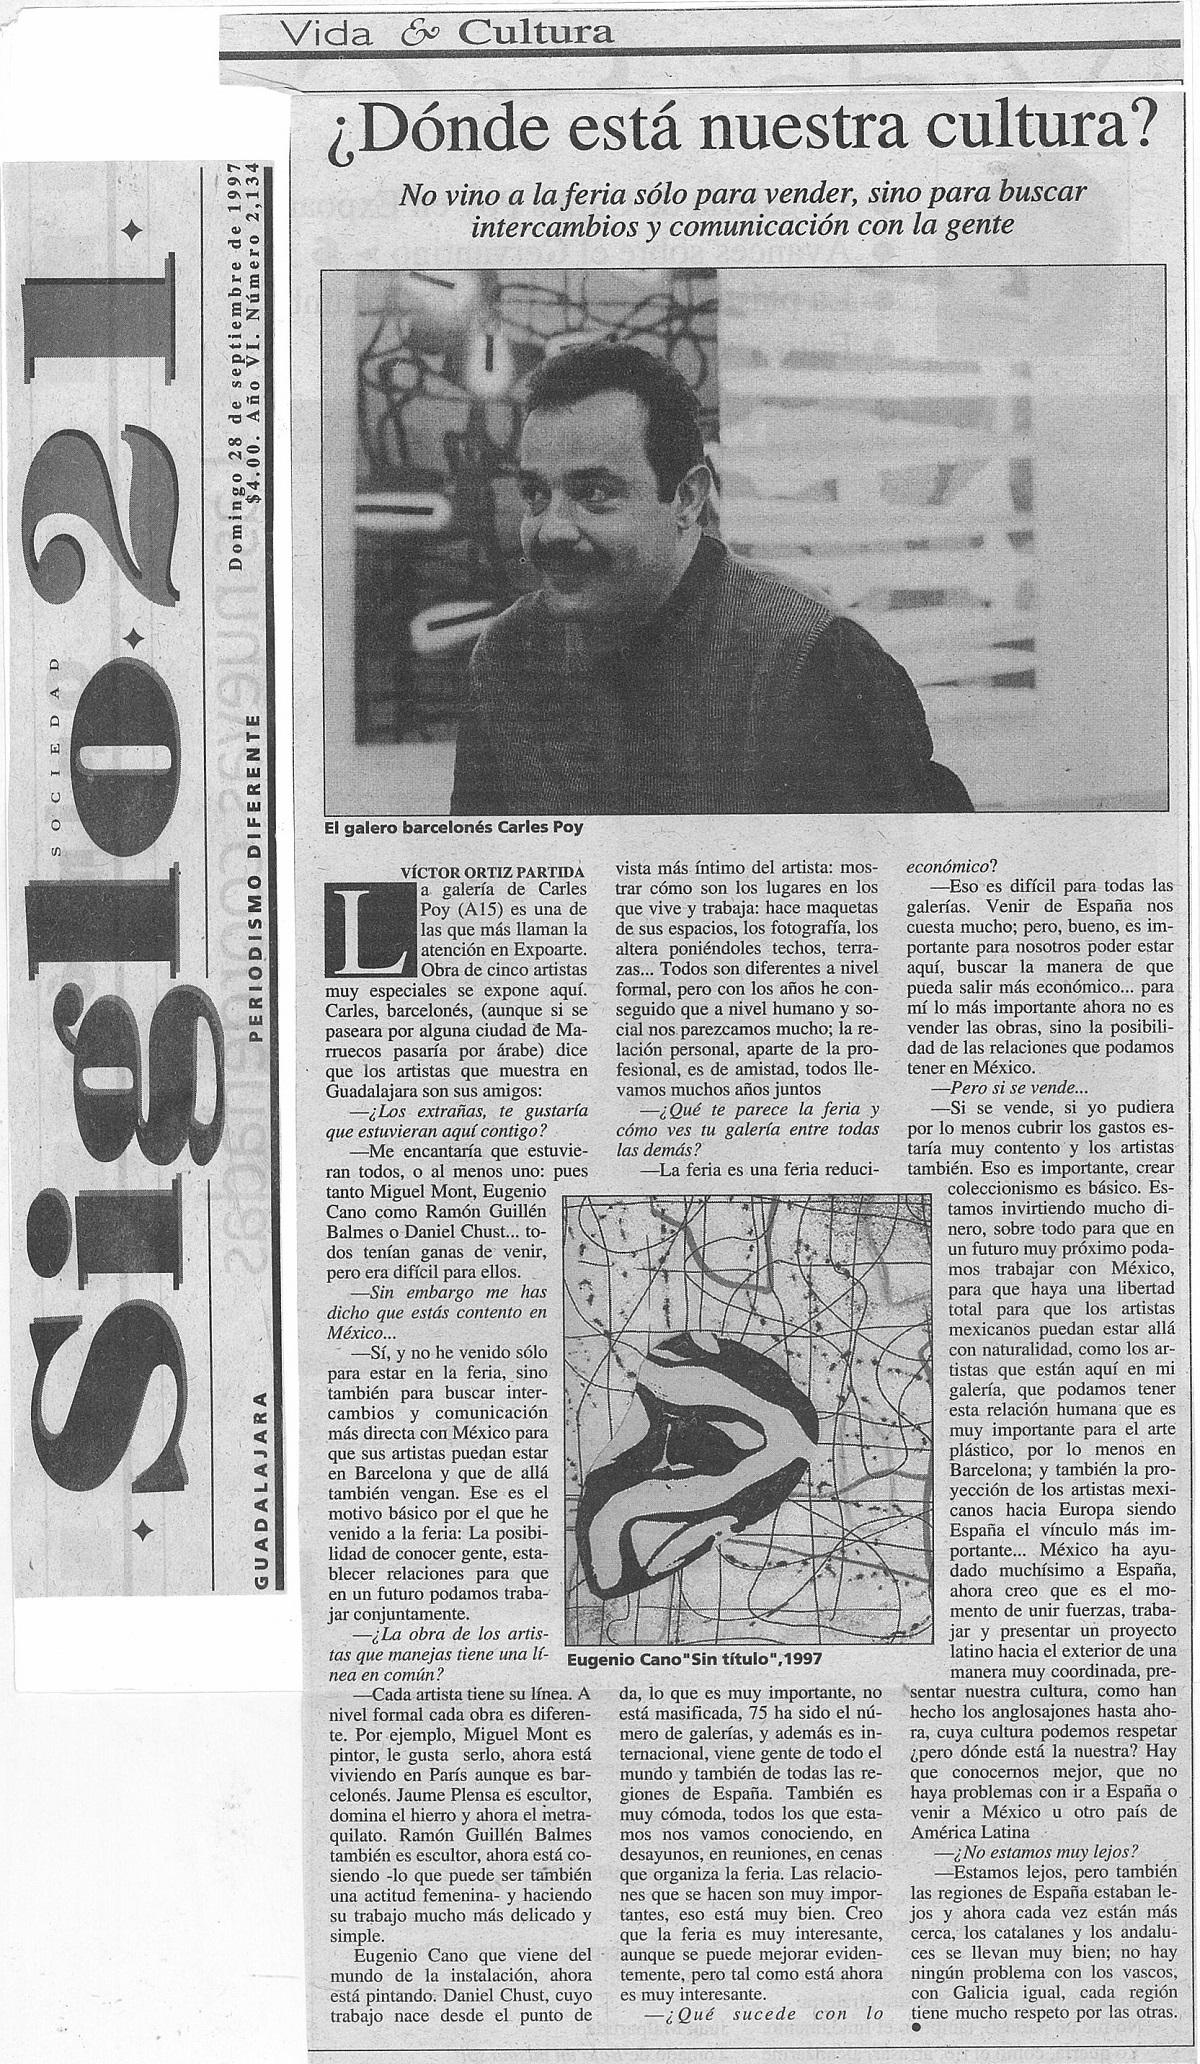 domingo, 28 de septiembre de 1997_ Donde está nuestra cultura